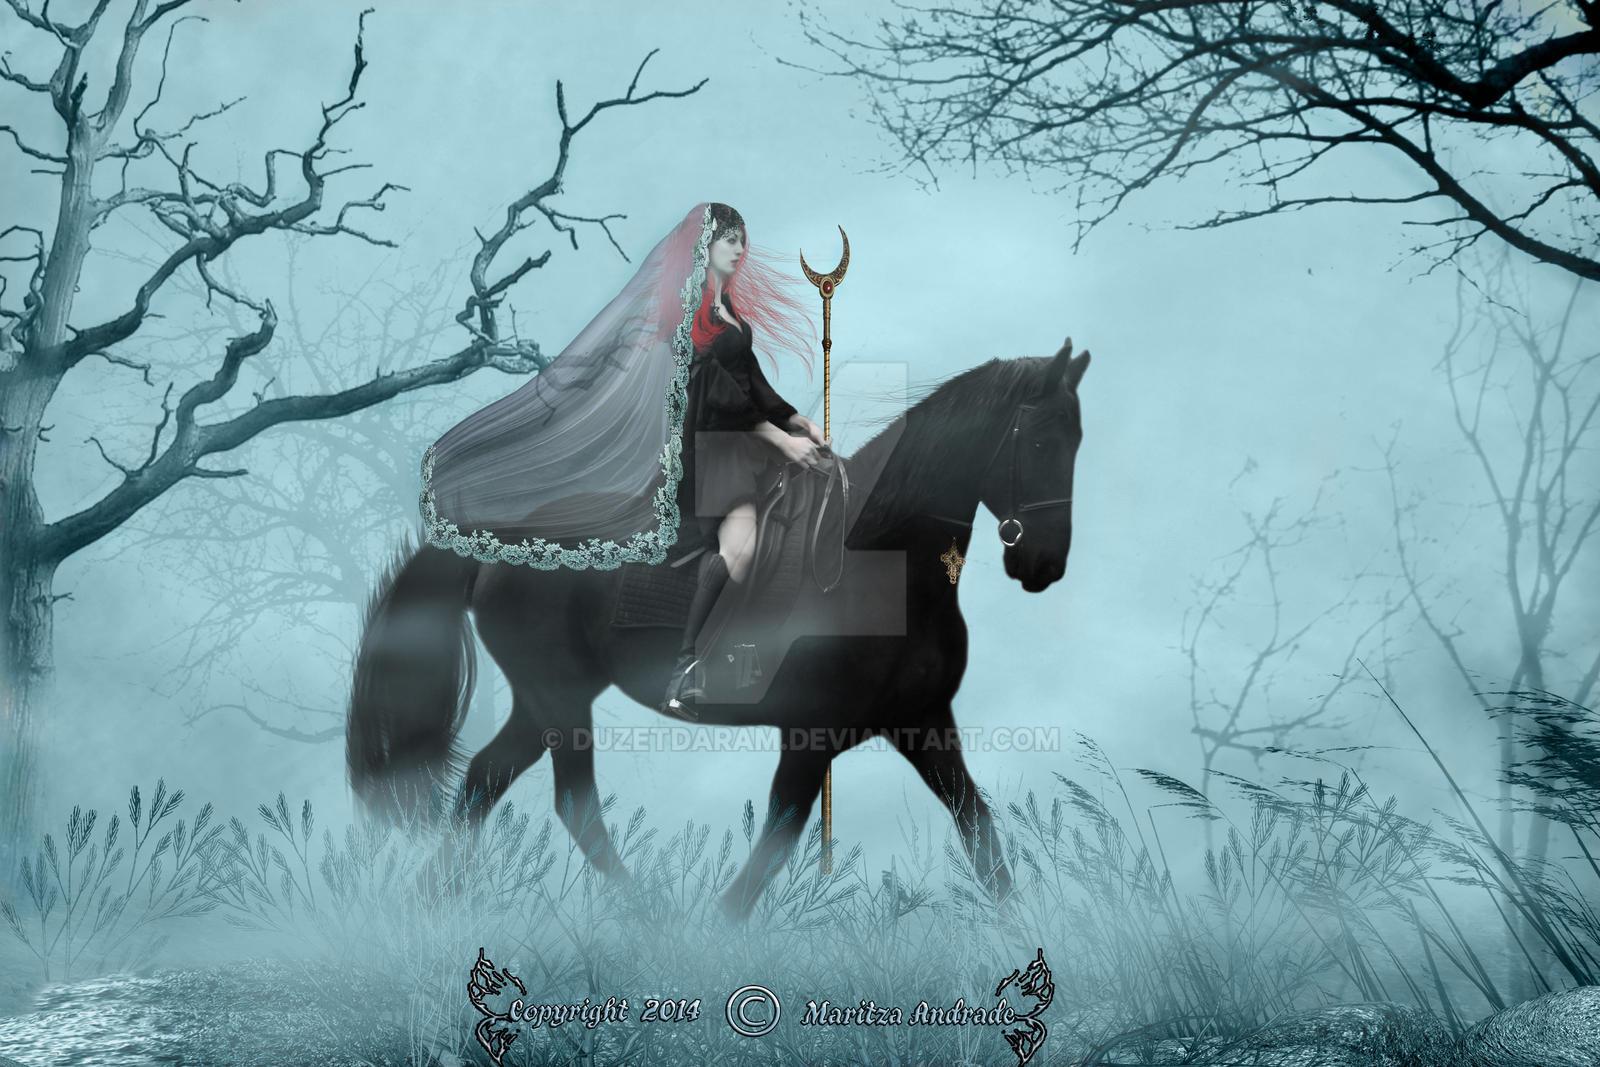 Dark Rider by duzetdaram